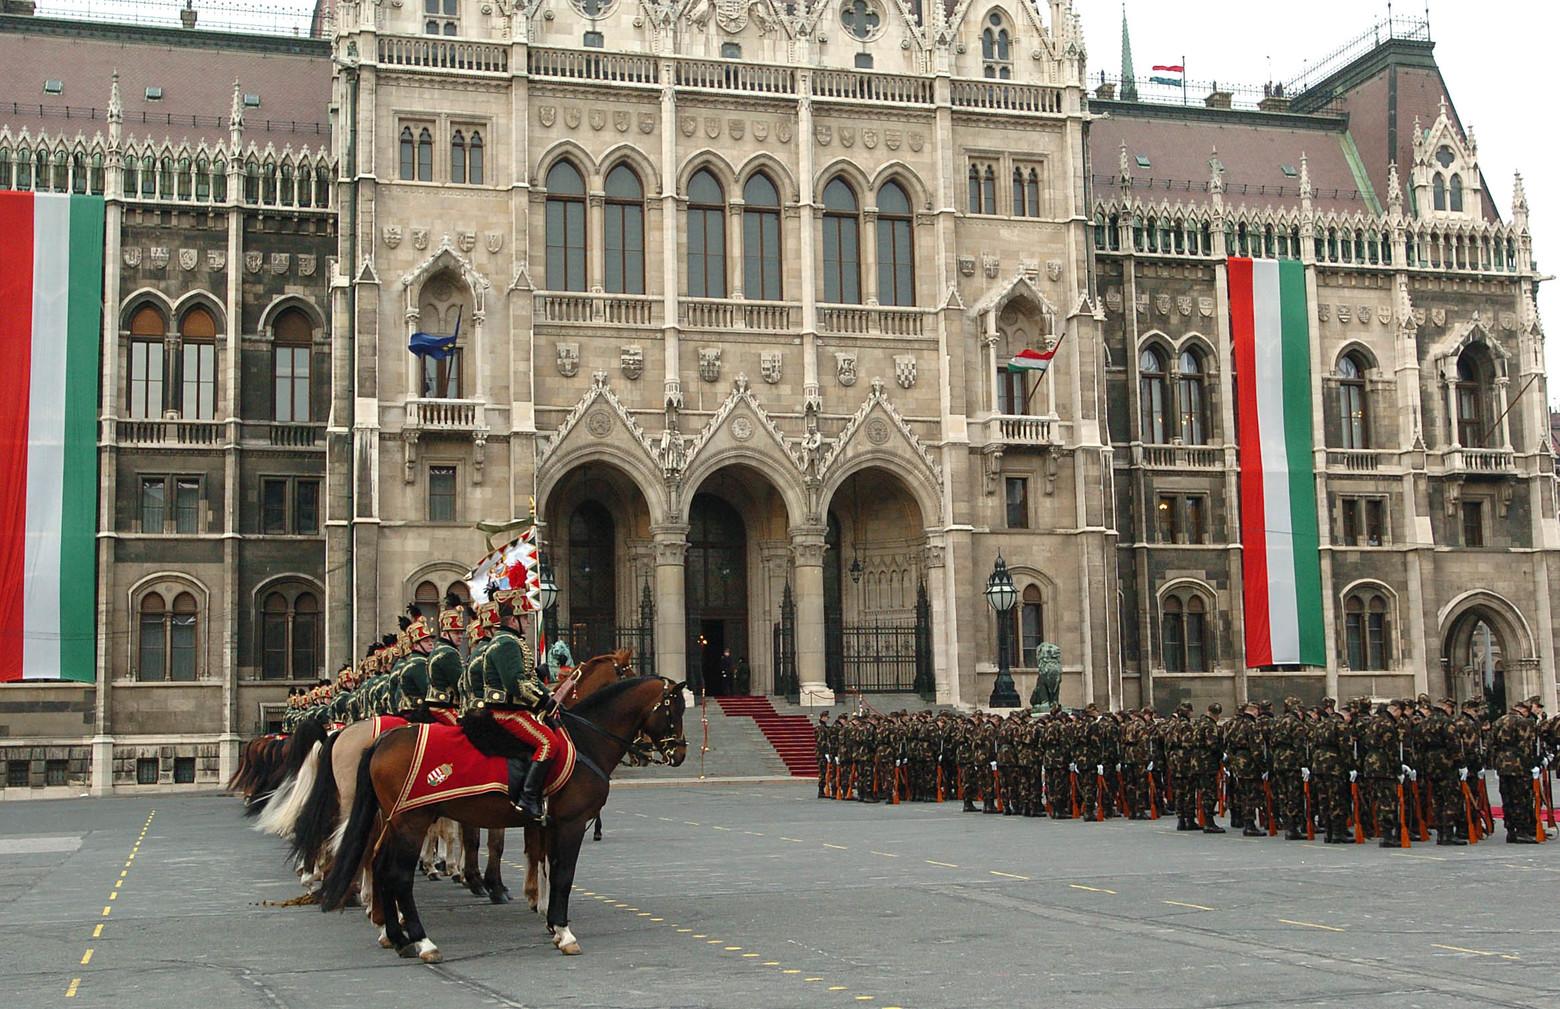 Budapest, 2006. március 13. Díszegységek gyakorolnak a március 15-i zászlófelvonásra a Kossuth téren. MTI Fotó: Kovács Attila